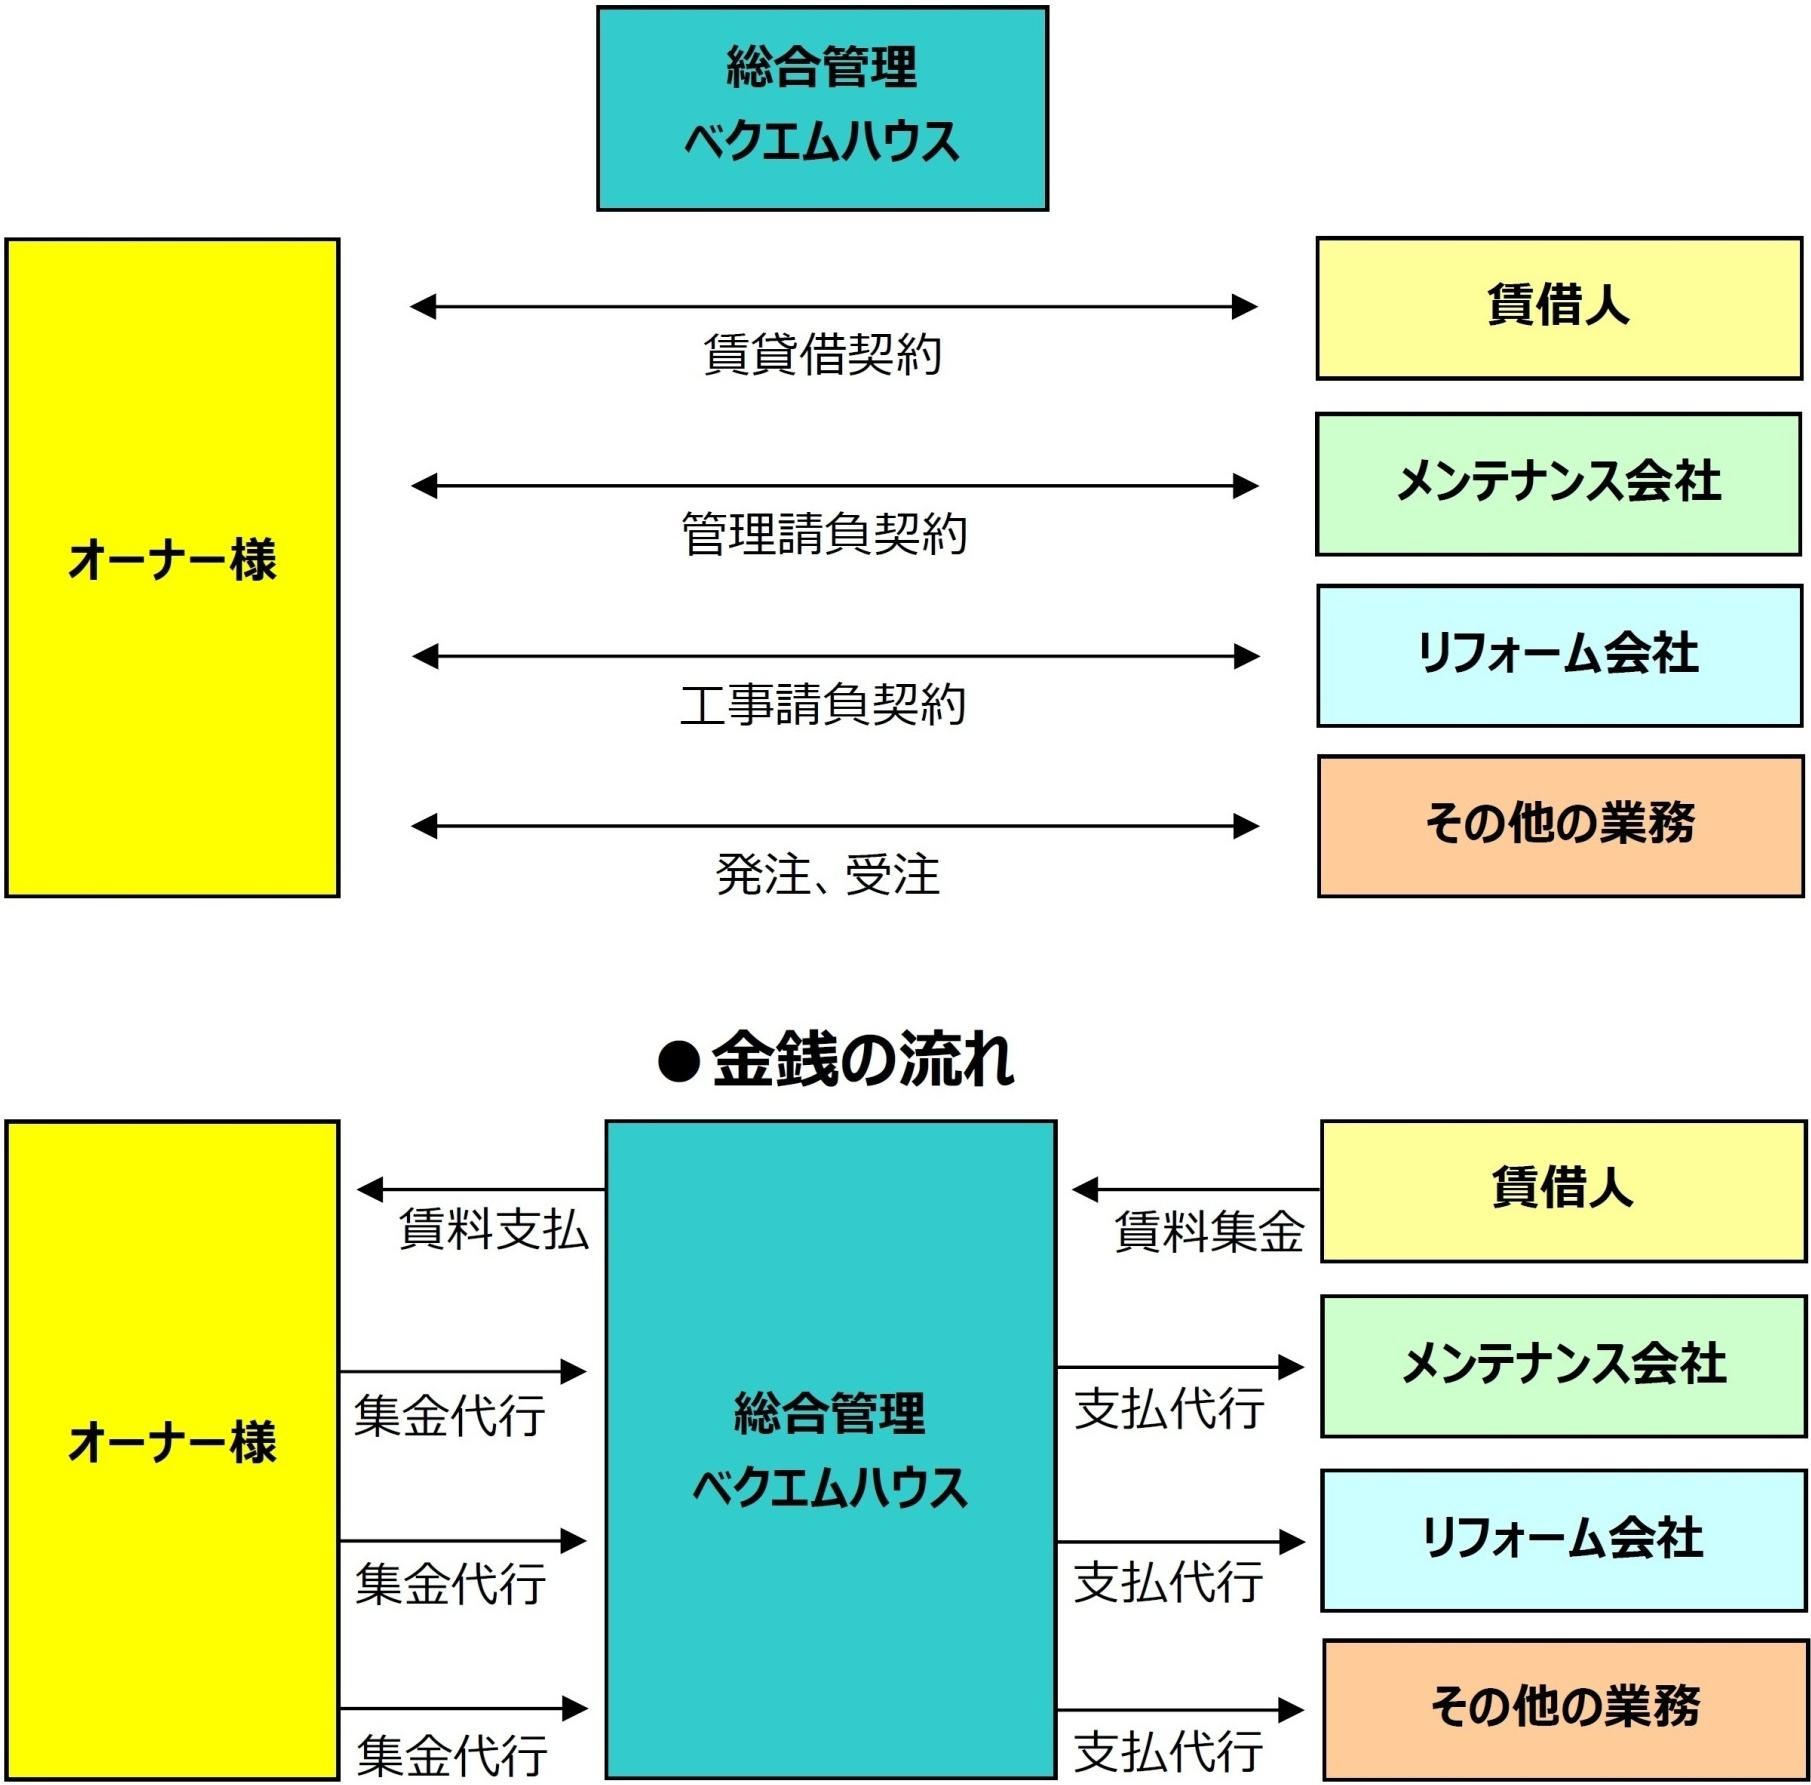 賃貸管理システム図2